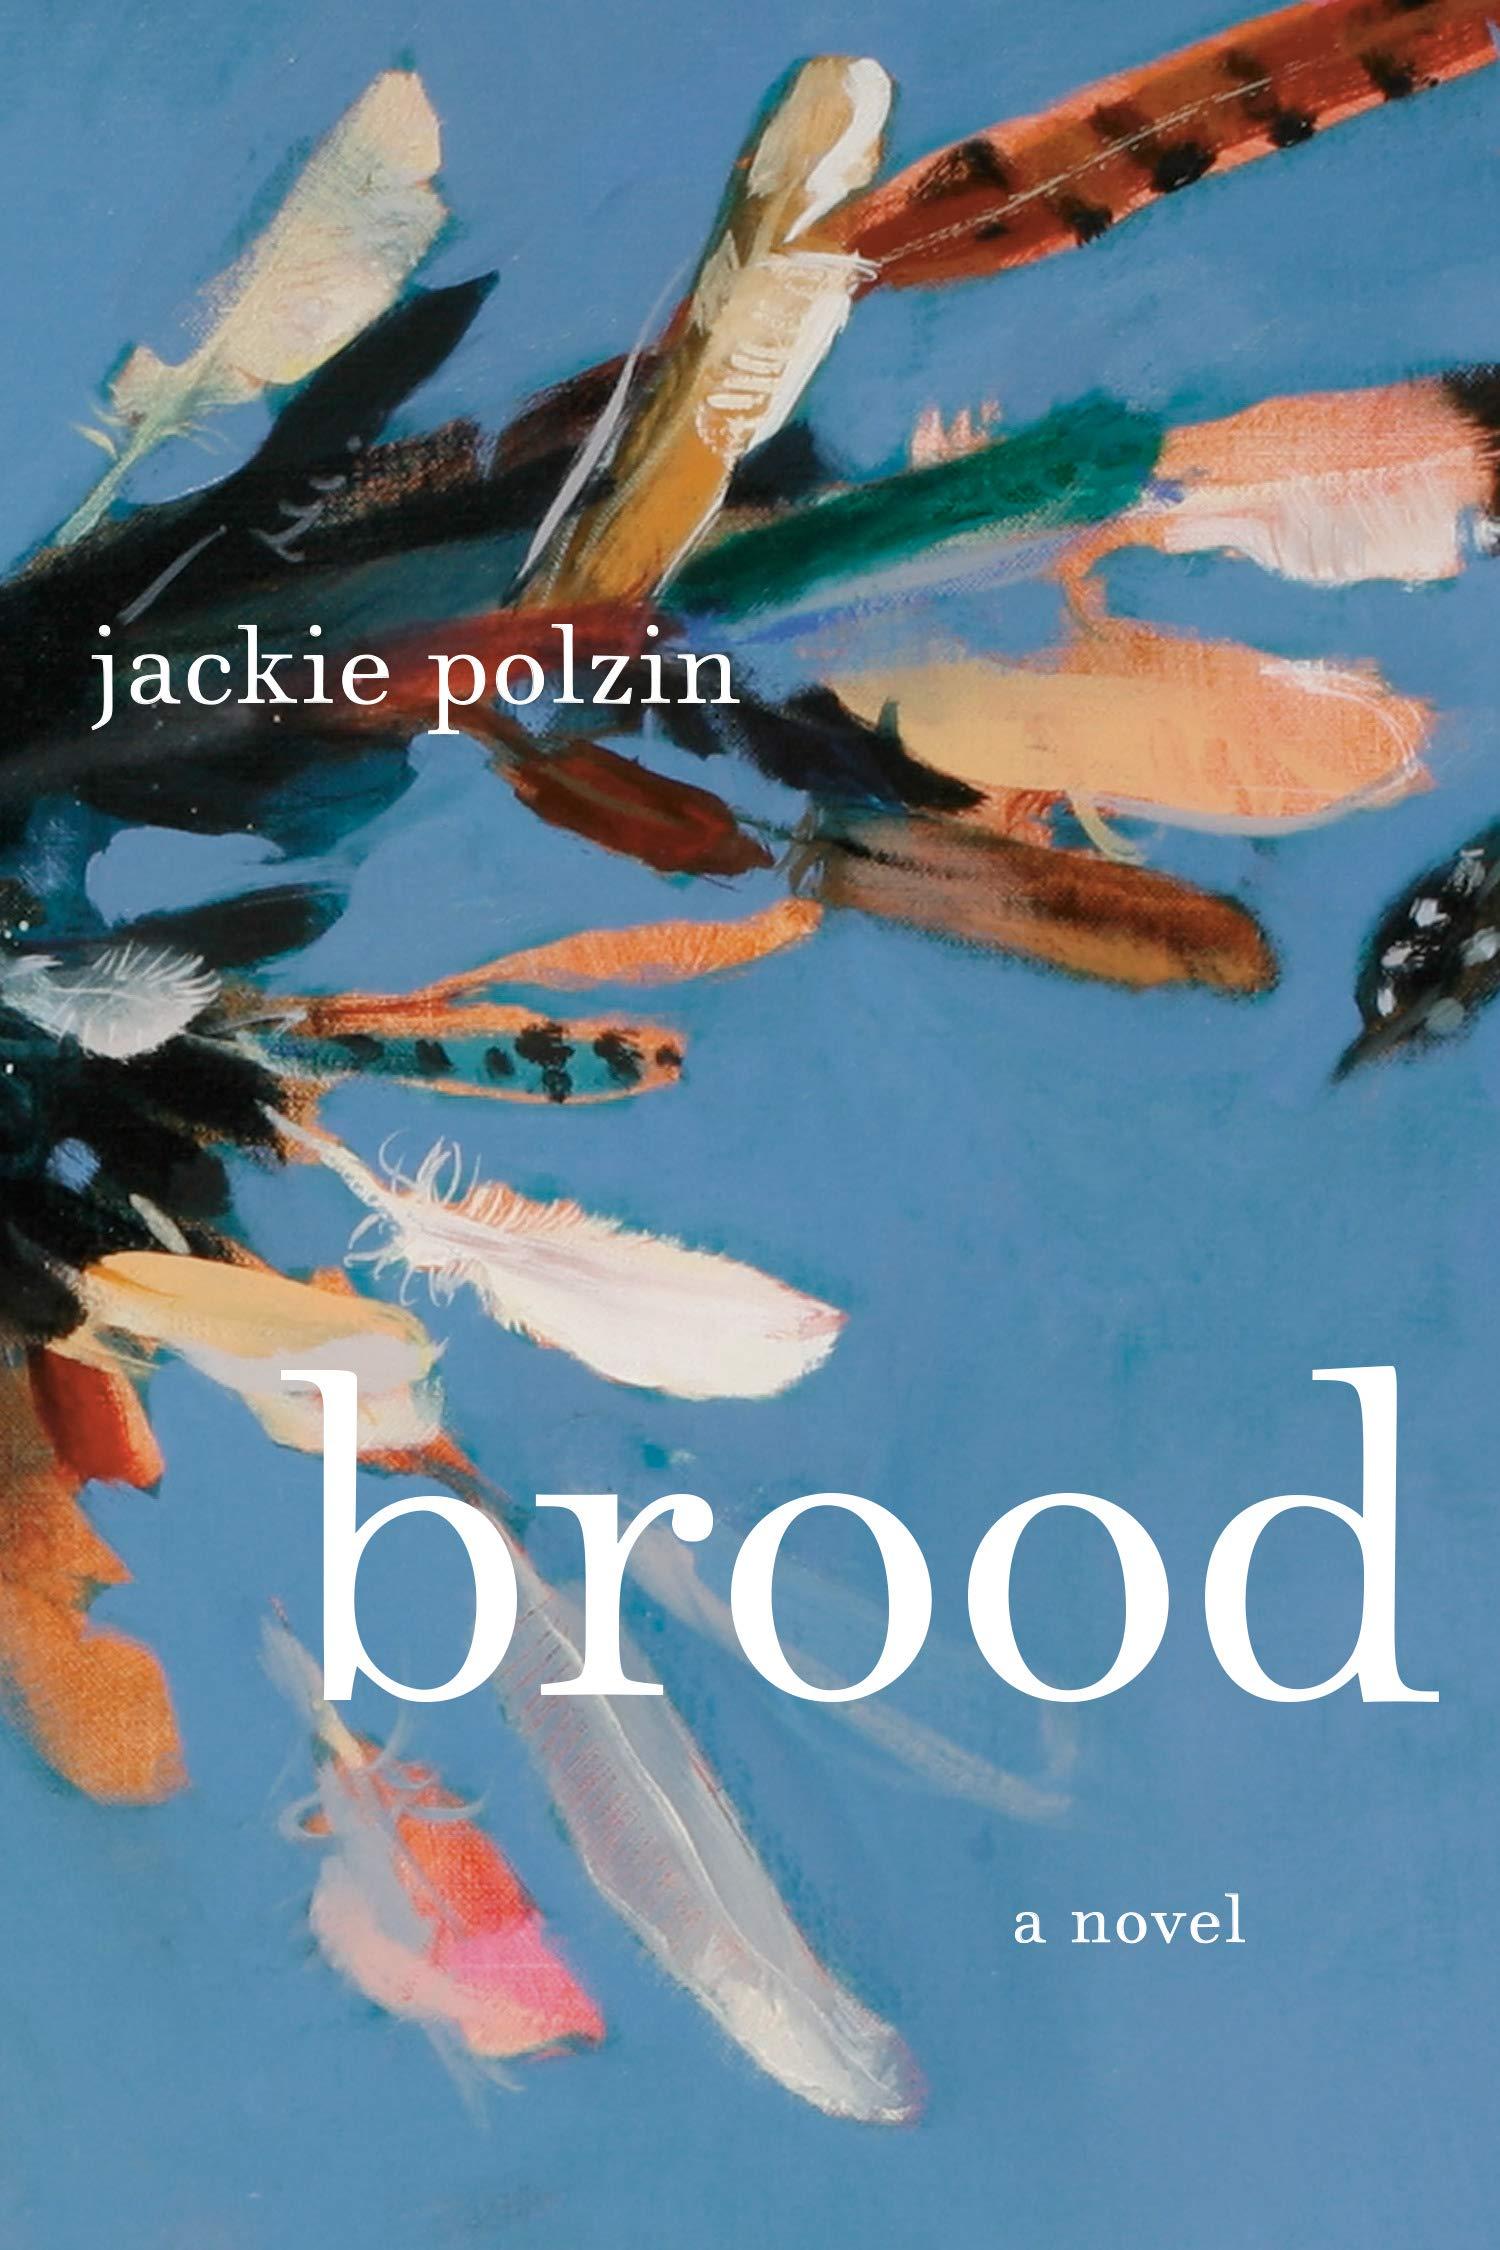 Brood: A Novel: Polzin, Jackie: 9780385546751: Amazon.com: Books